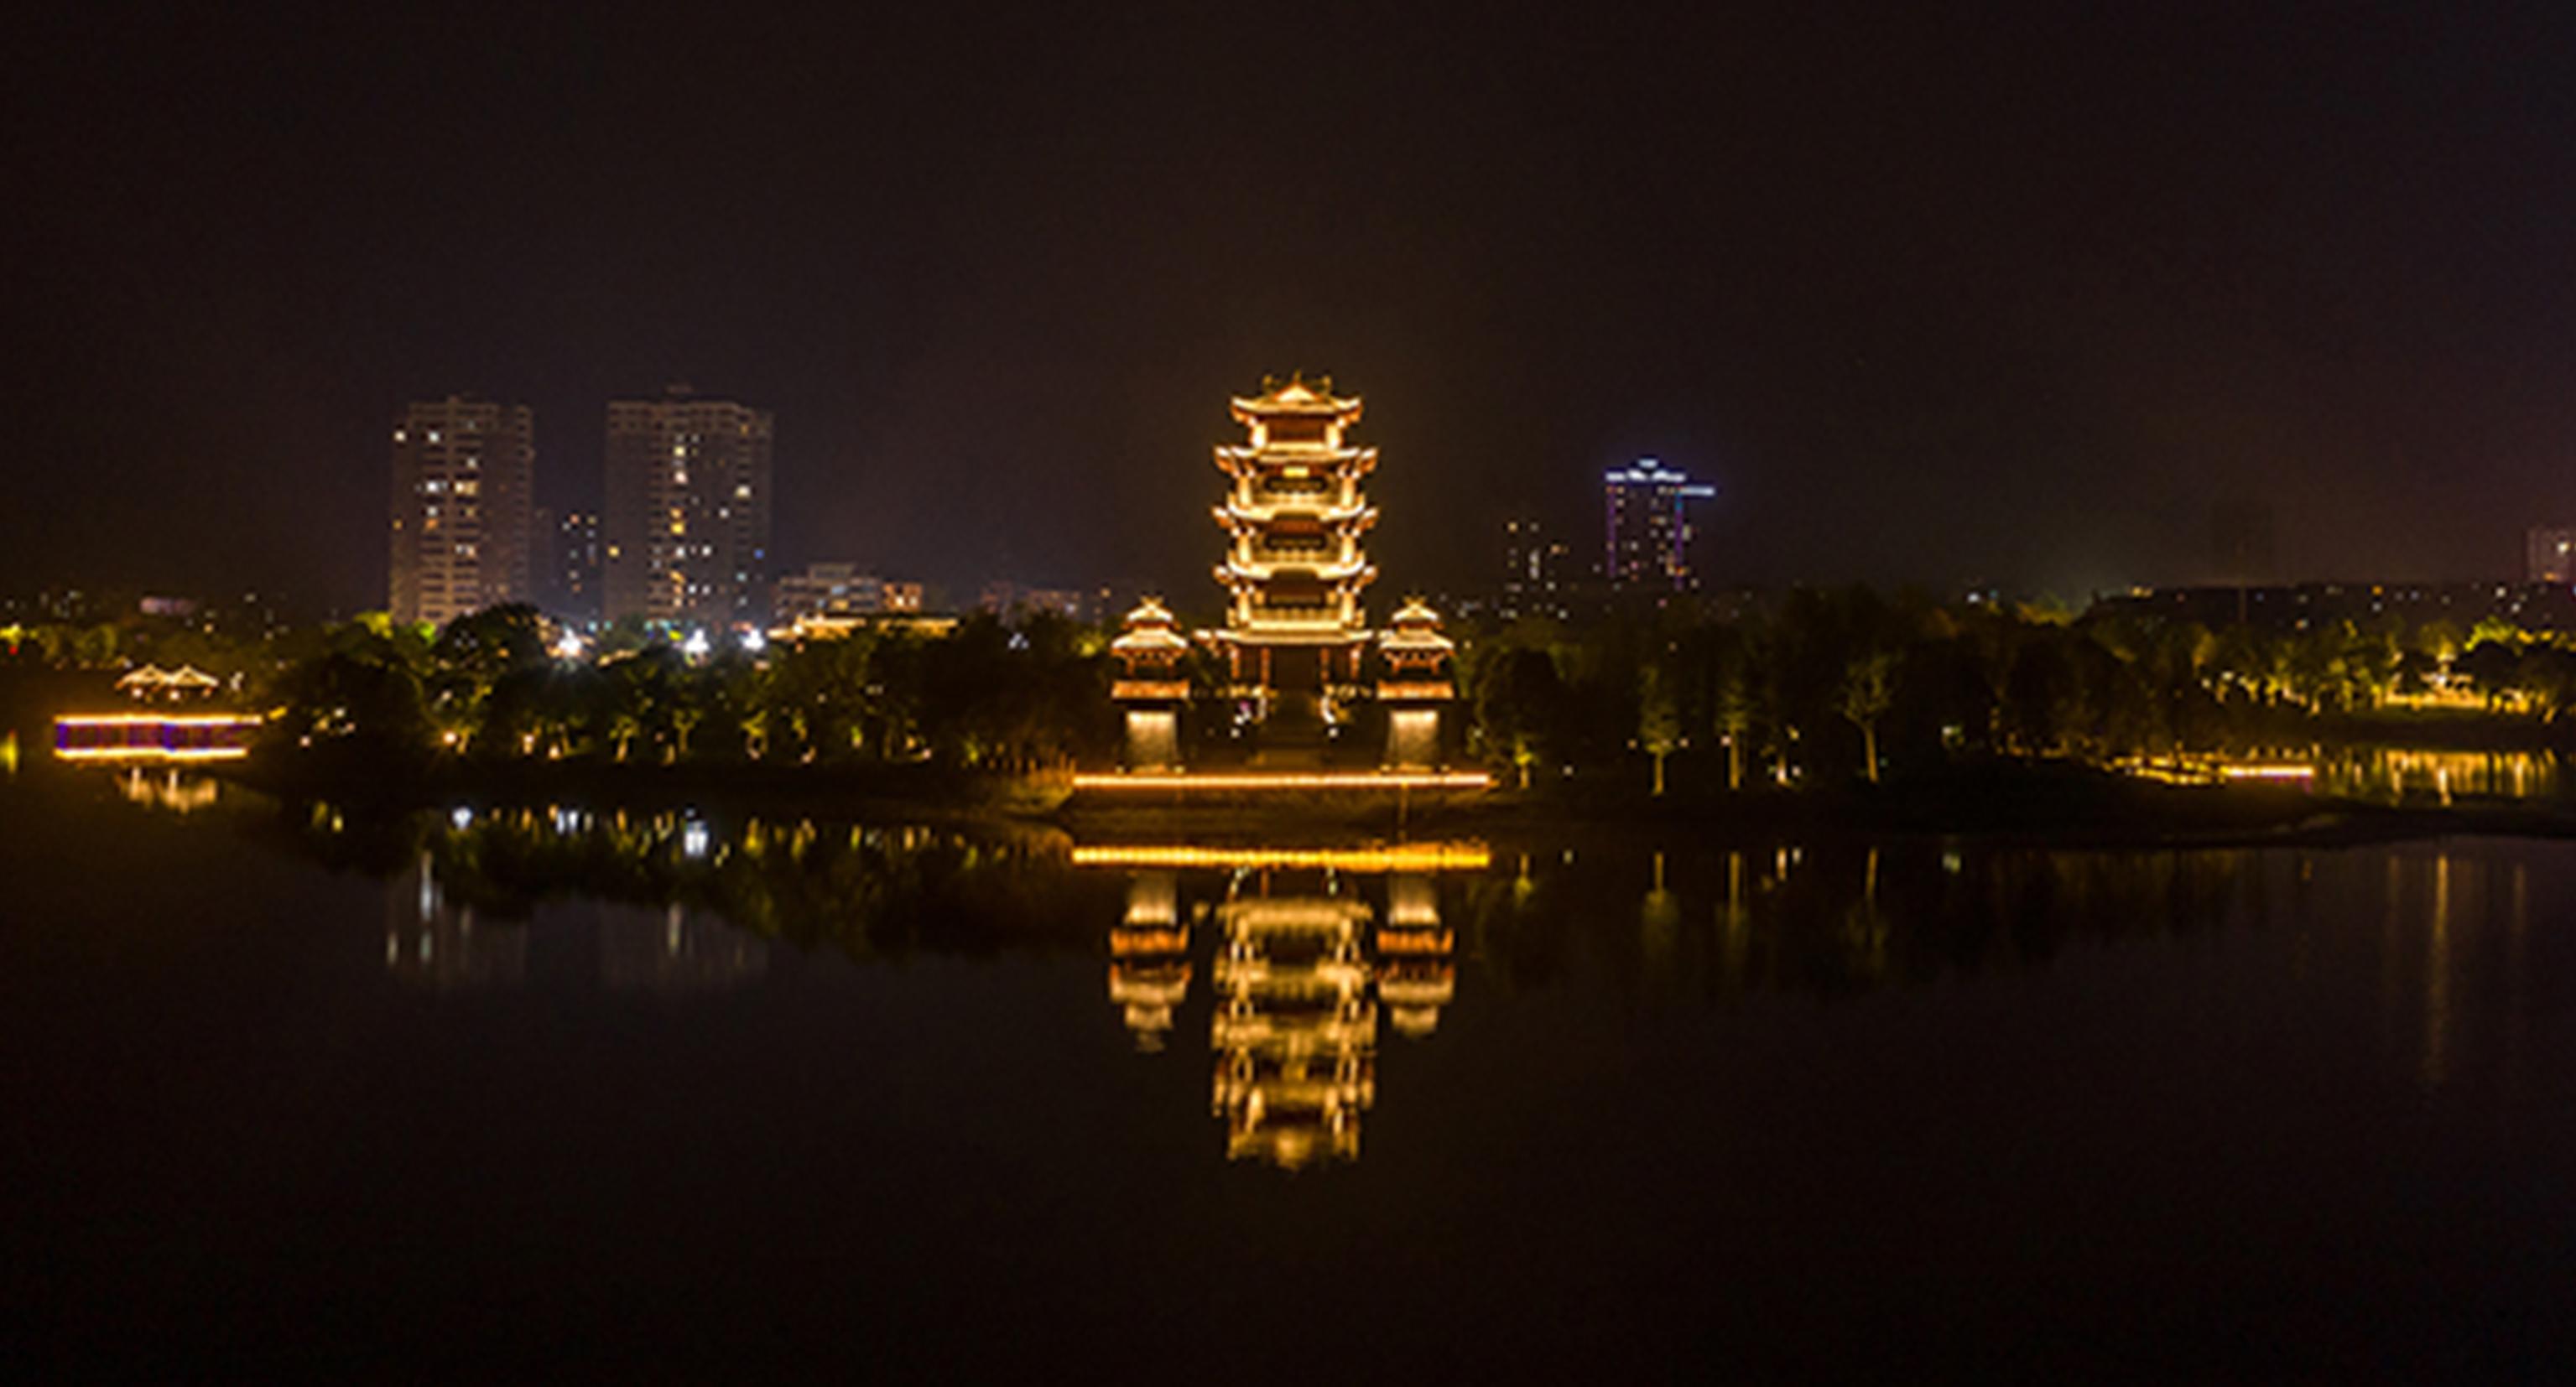 金东方 | 嘉鱼二乔公园照明设计